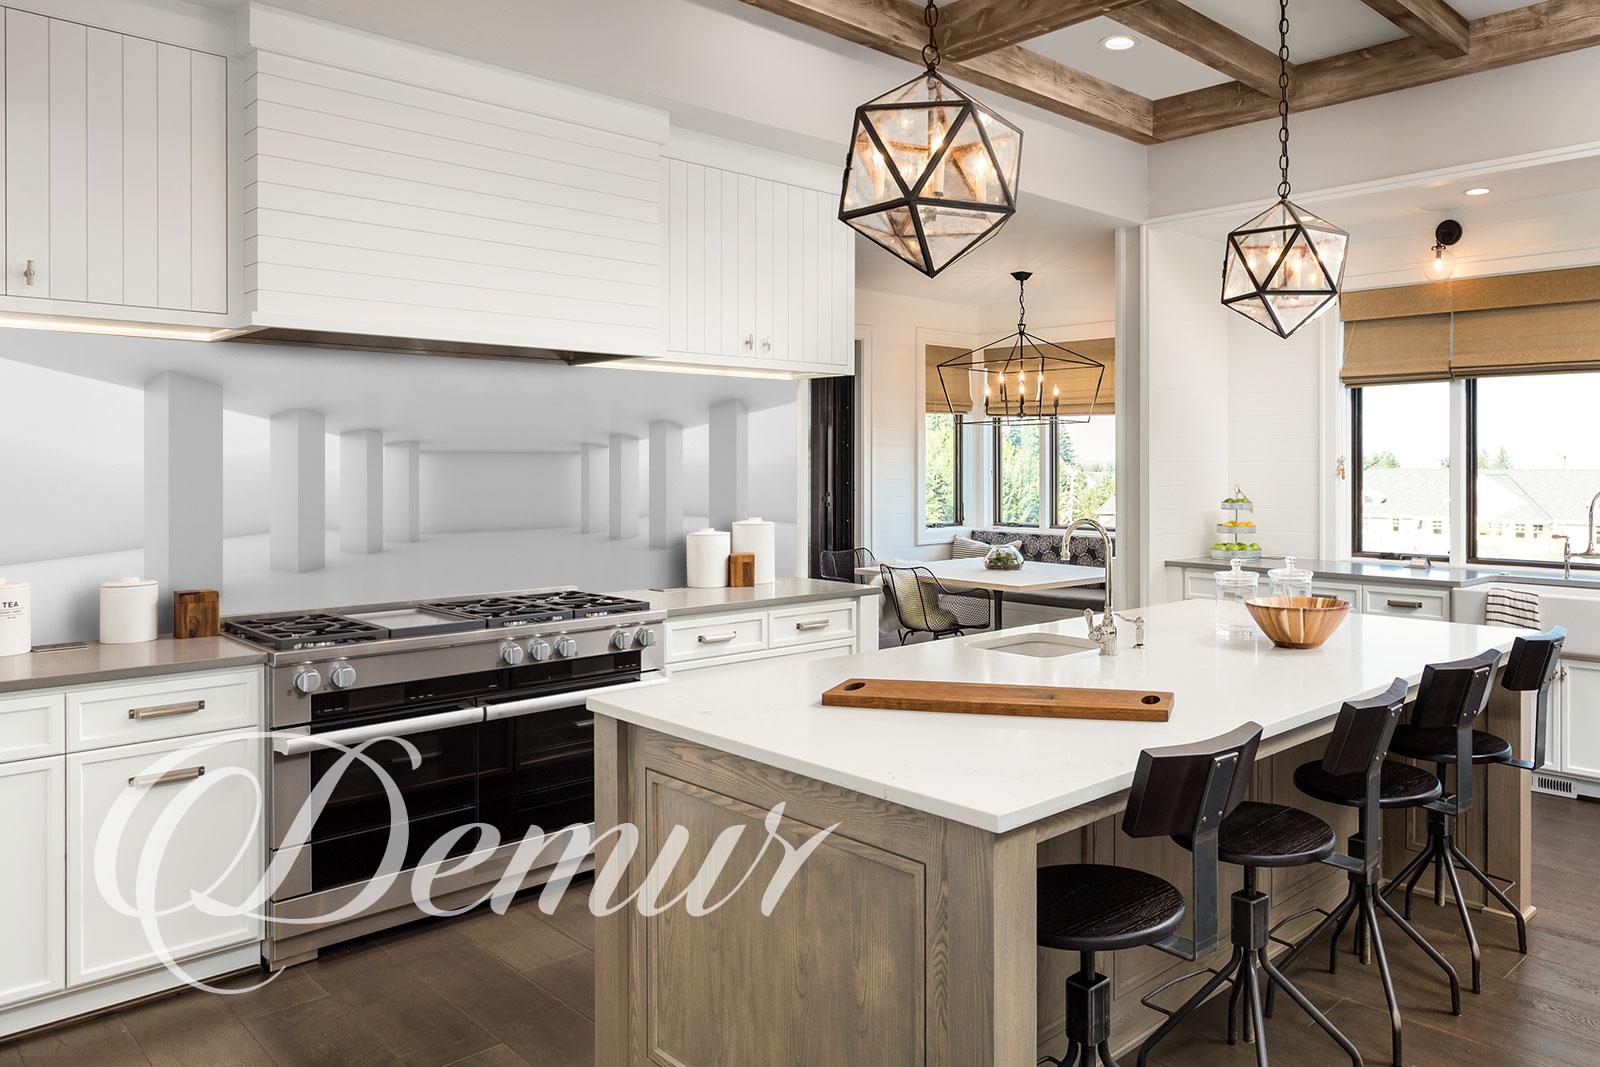 Fototapeta 3D Przestrzenna - Fototapety panoramiczne do kuchni - Demur